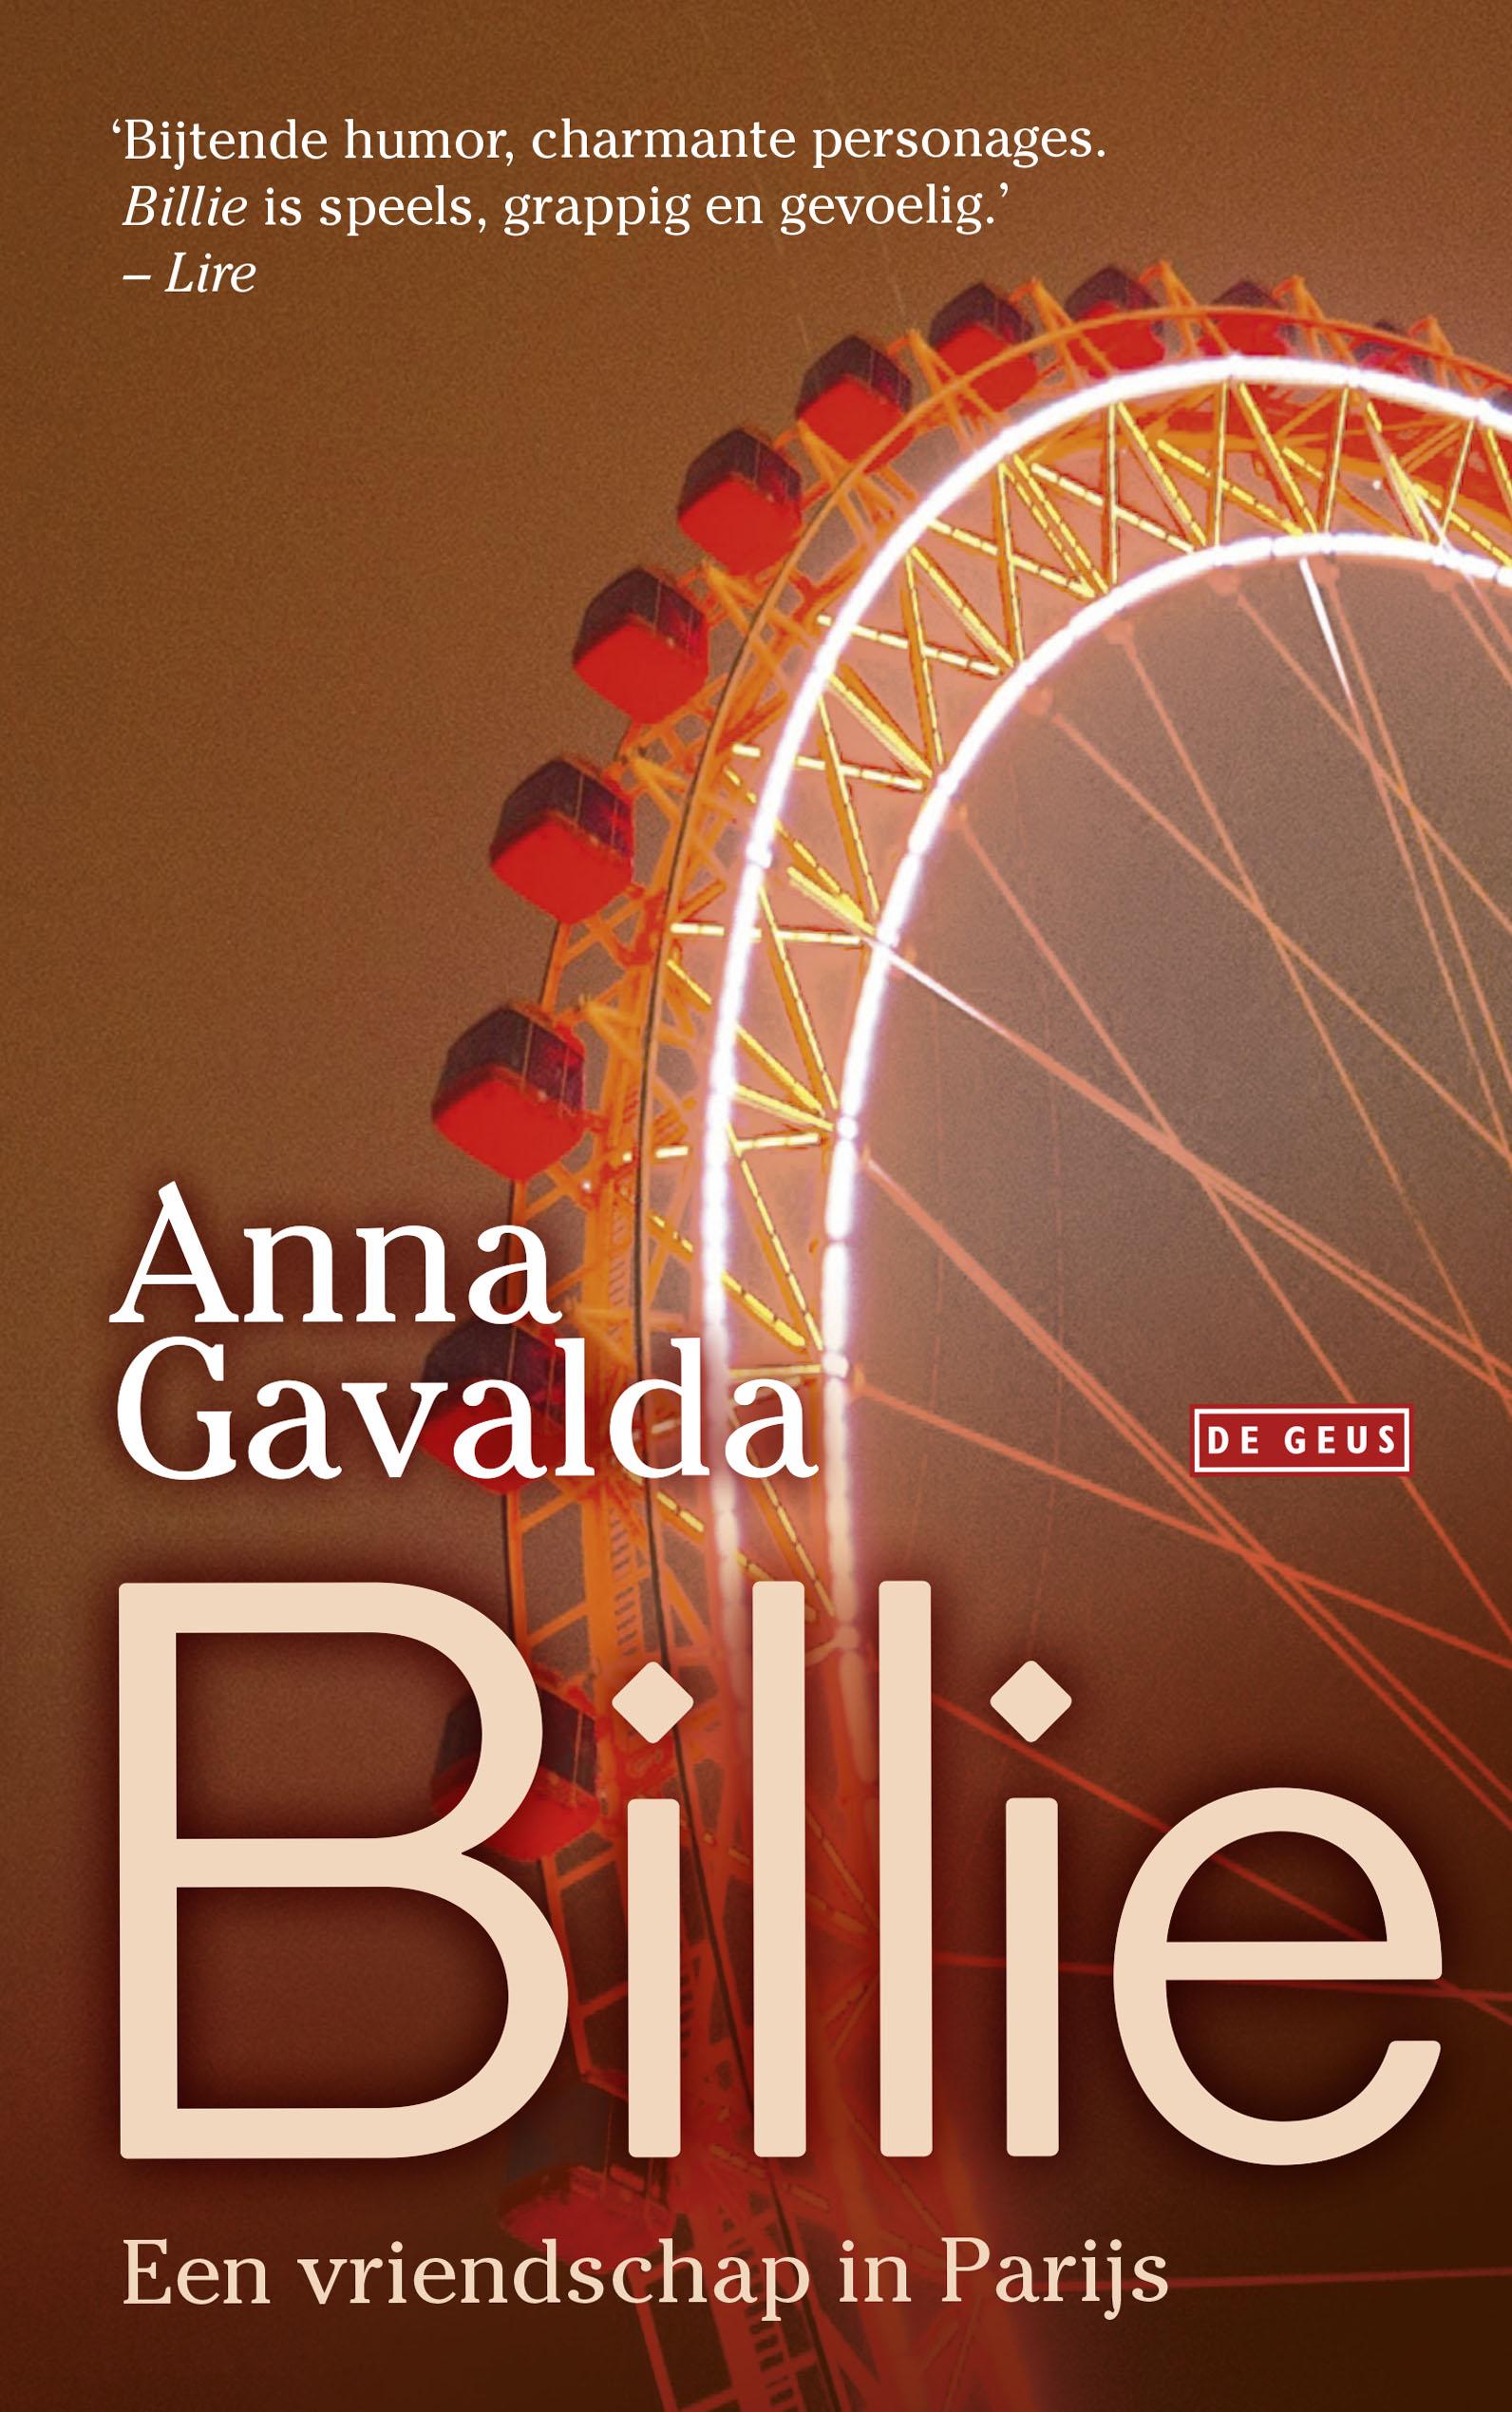 Billie – Anna Gavalda